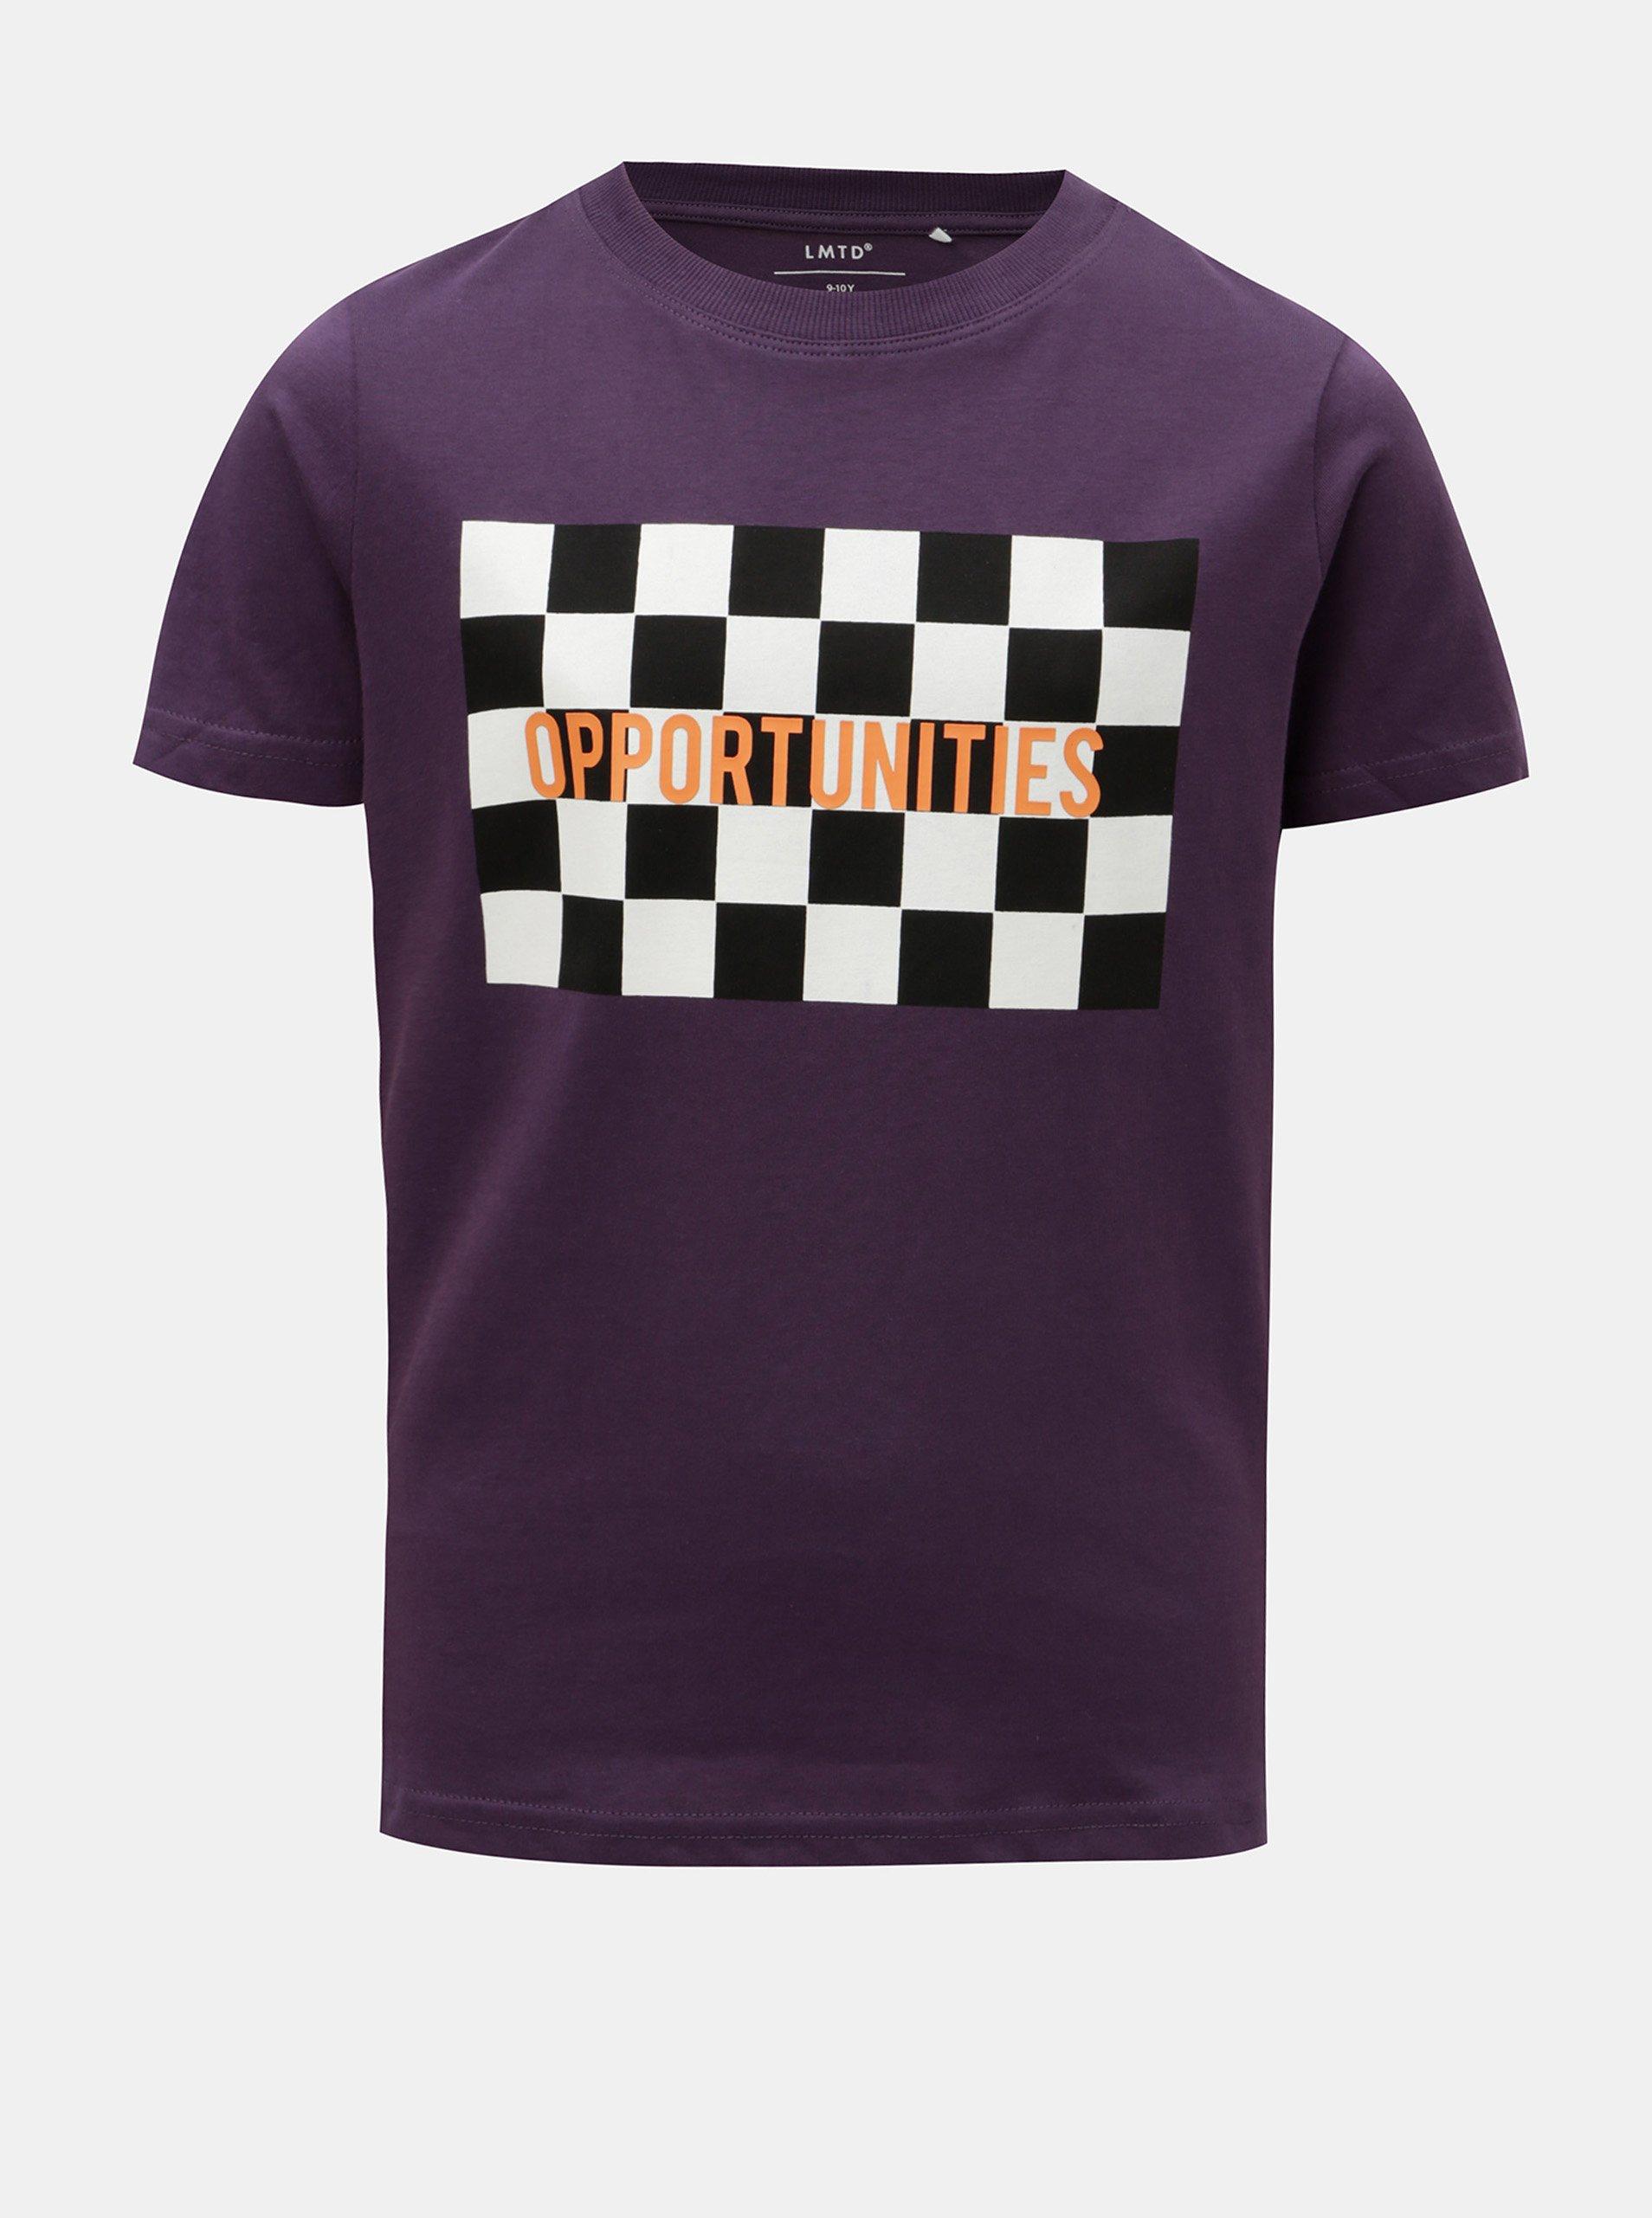 712bc8491e80 Fialové chlapčenské tričko s potlačou LIMITED by name it